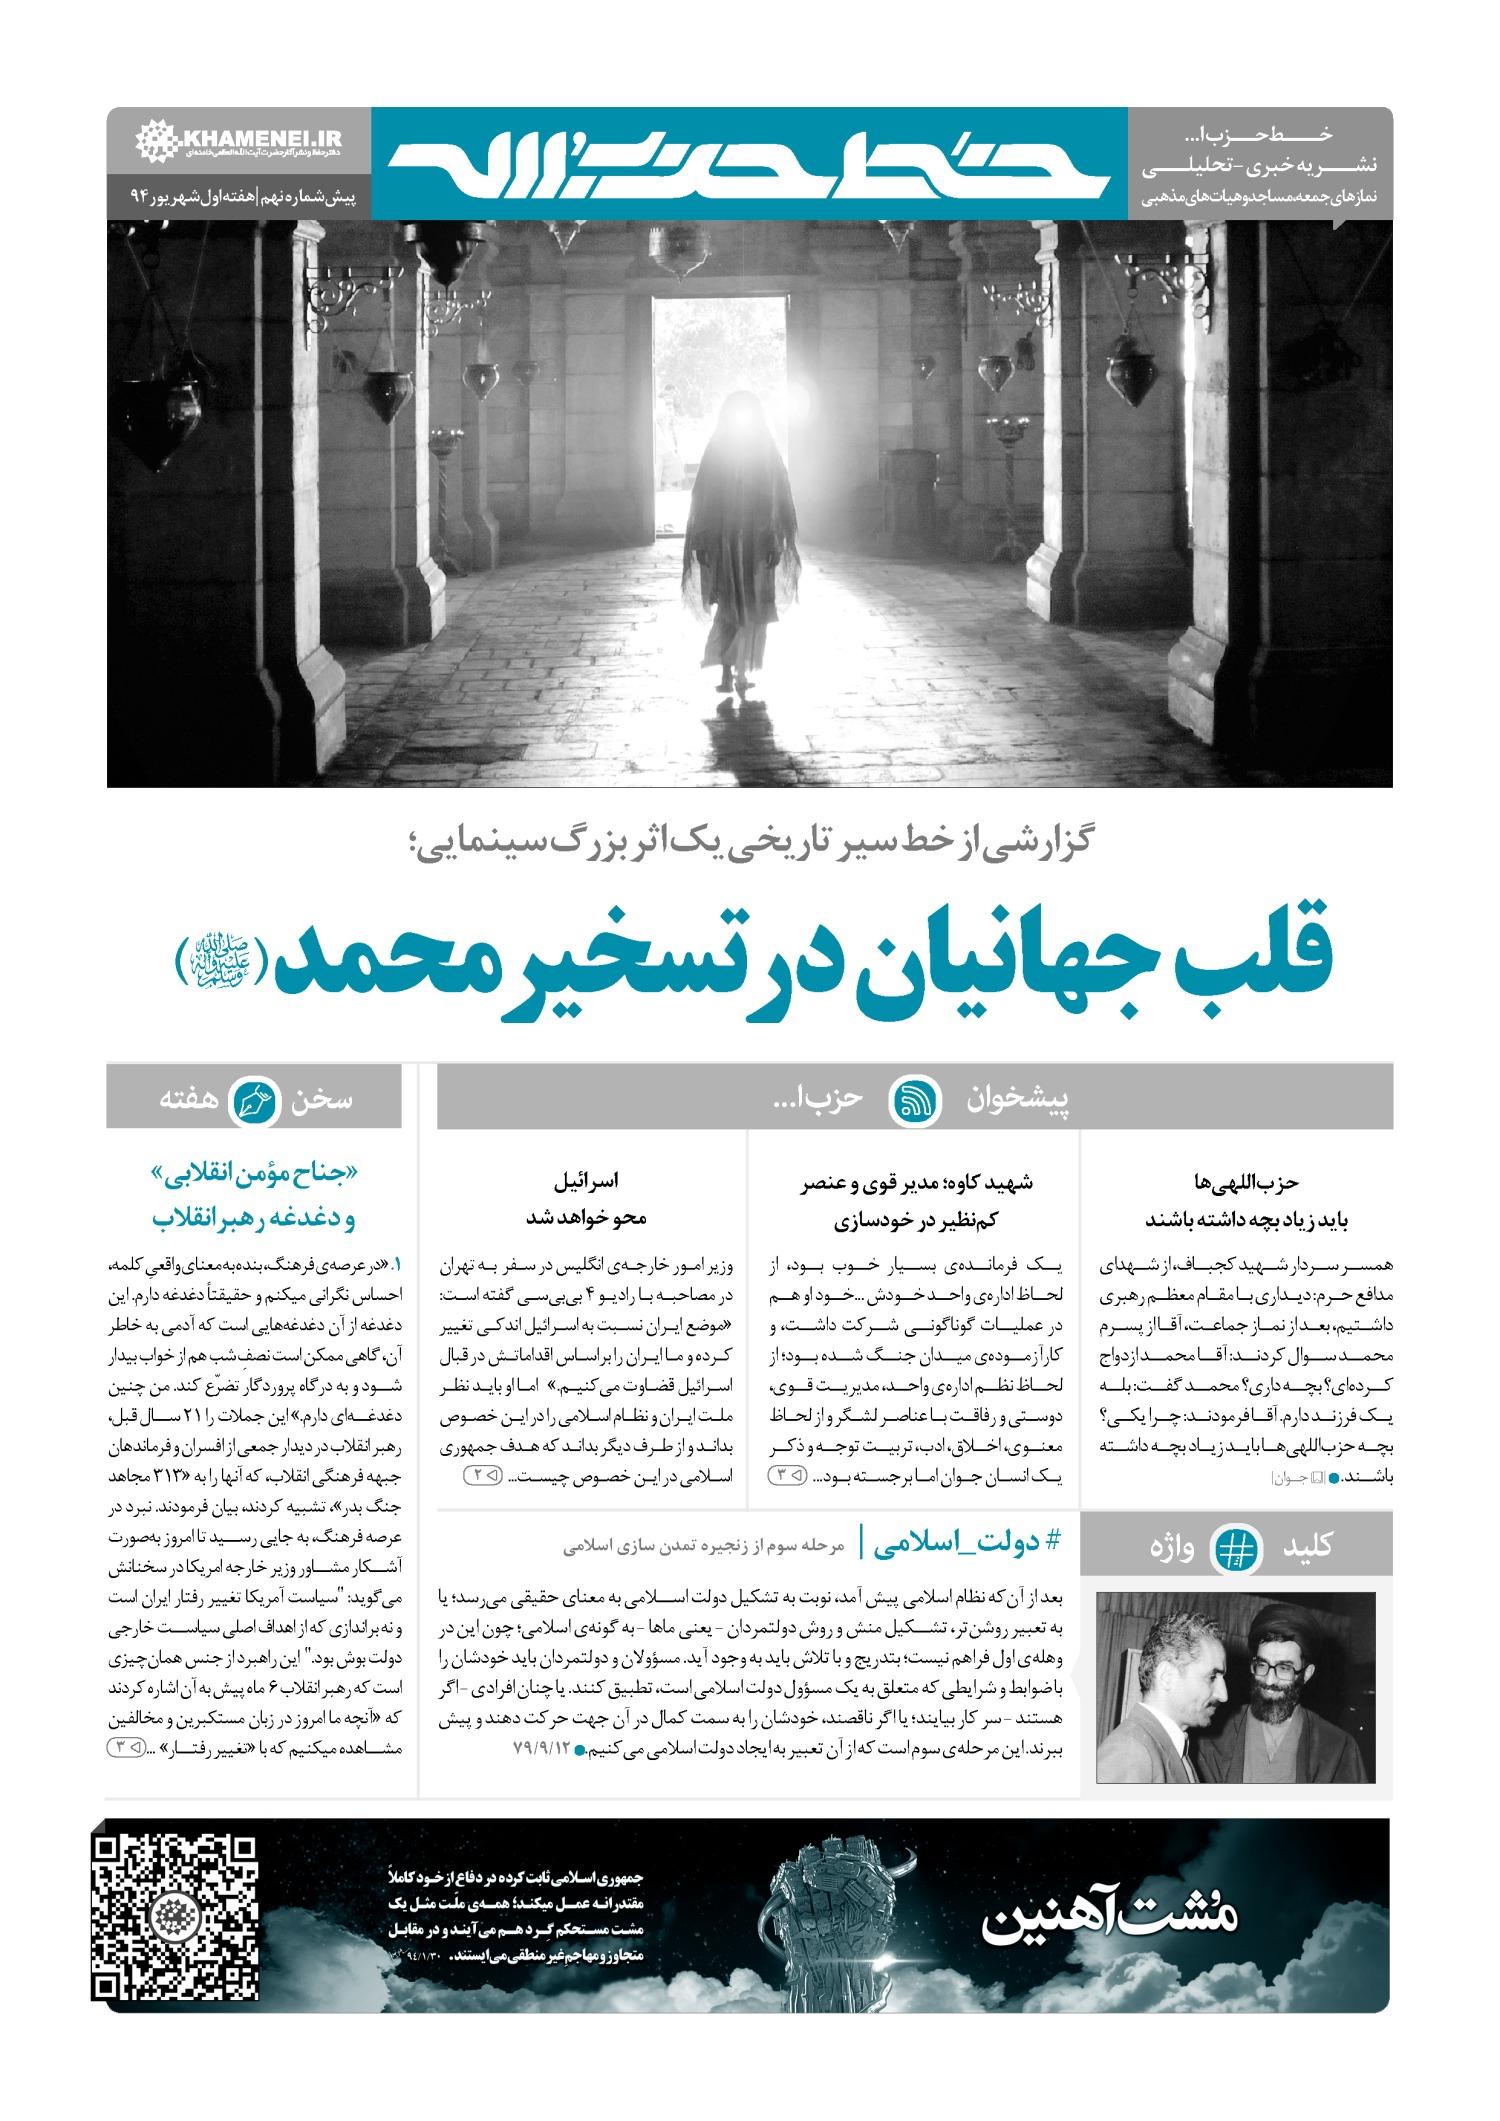 خط حزب الله -شماره پنجم خط حزب الله -پیش شماره نهم page large 141